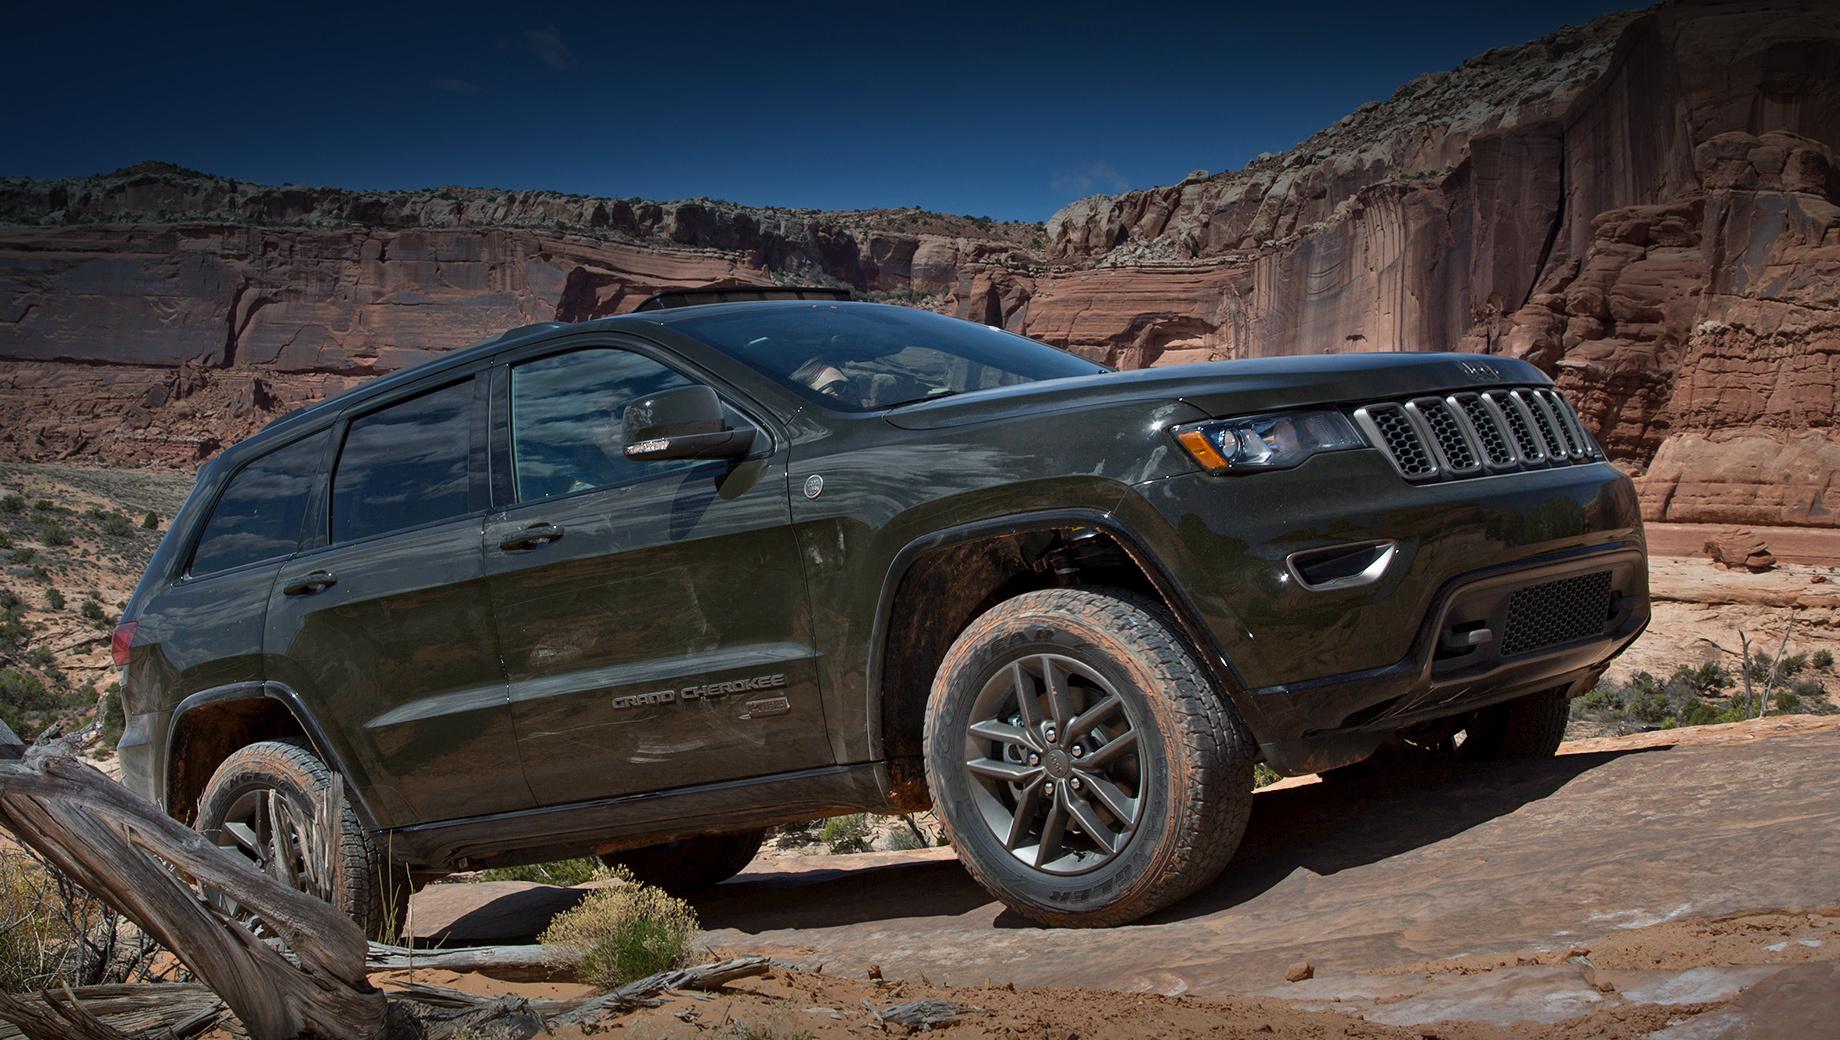 Jeep grand cherokee. Сегодня в США Grand Cherokee предлагается покупателям в 12 различных исполнениях, включая «заряженные» SRT и Trackhawk. Моторы — V6 3.6, V8 5.7 и V8 6.4 мощностью от 297 до 717 сил. Цены варьируются от $34 000 до $87 645 тысяч (от 2,4 до 6,3 млн рублей).